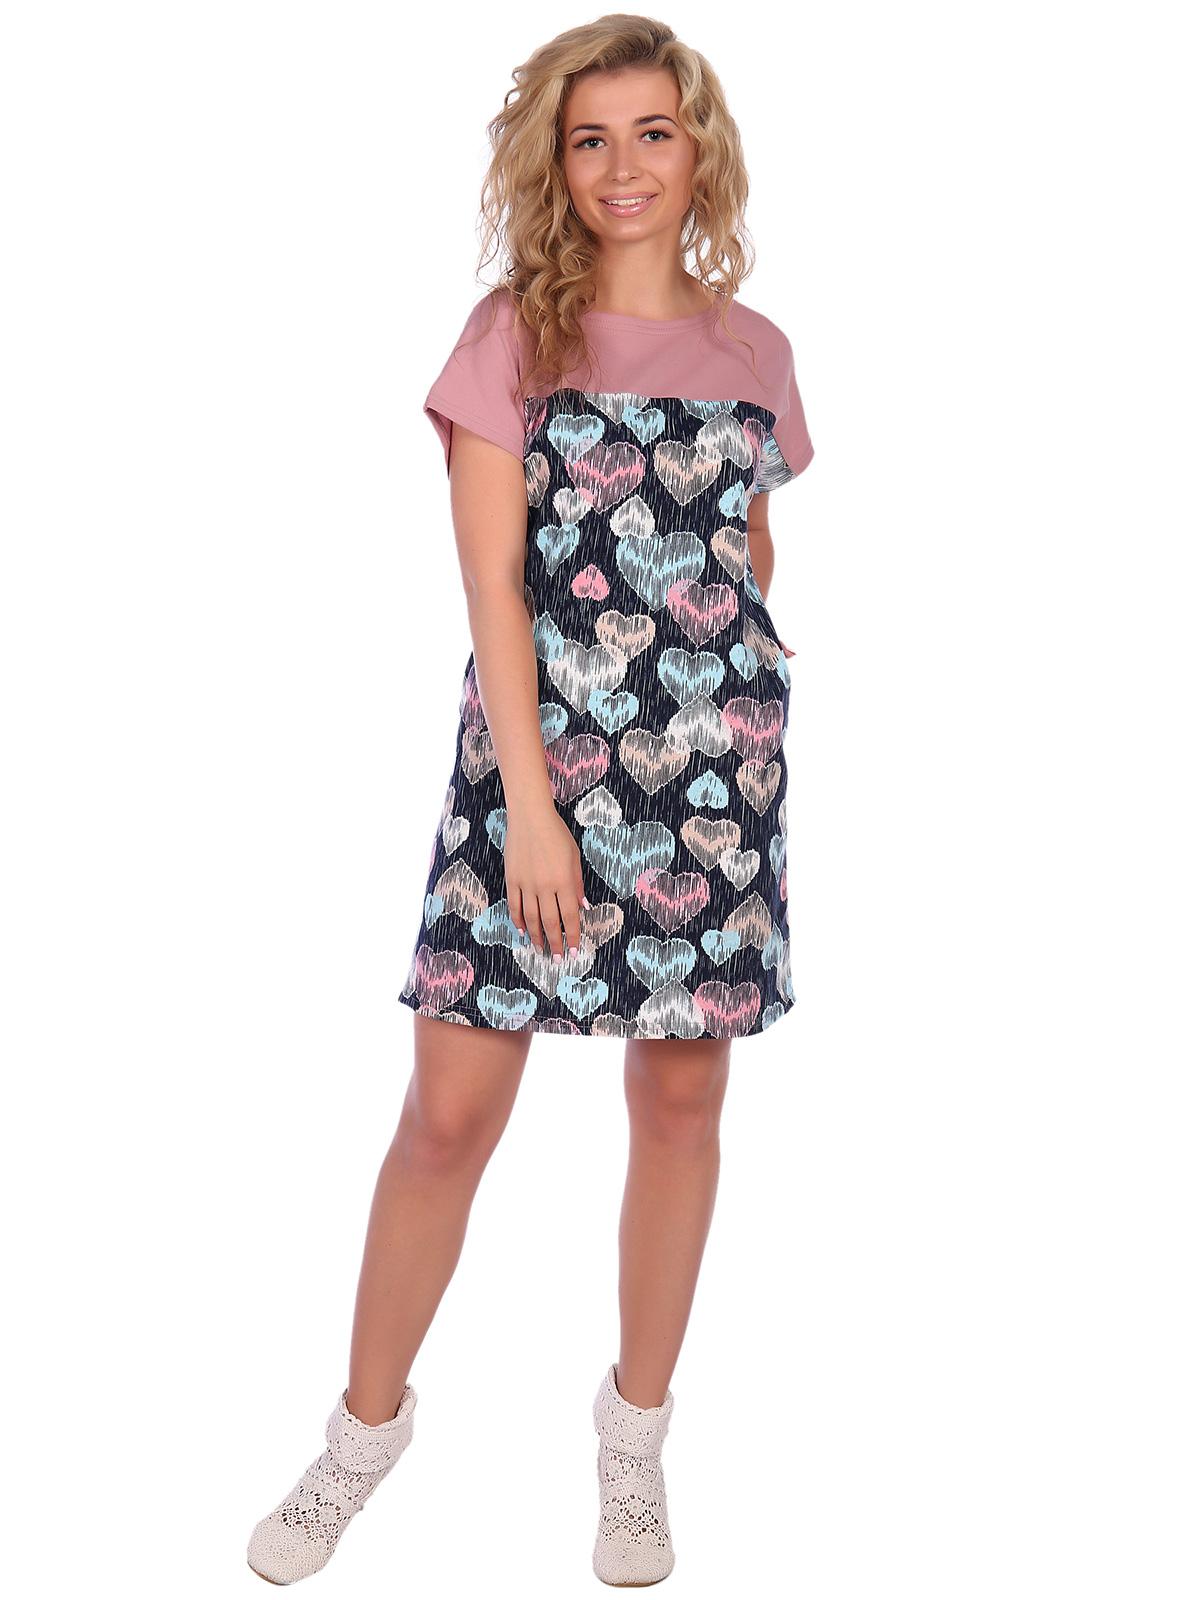 Купить со скидкой Жен. платье арт. 16-0572 Сухая роза р. 48